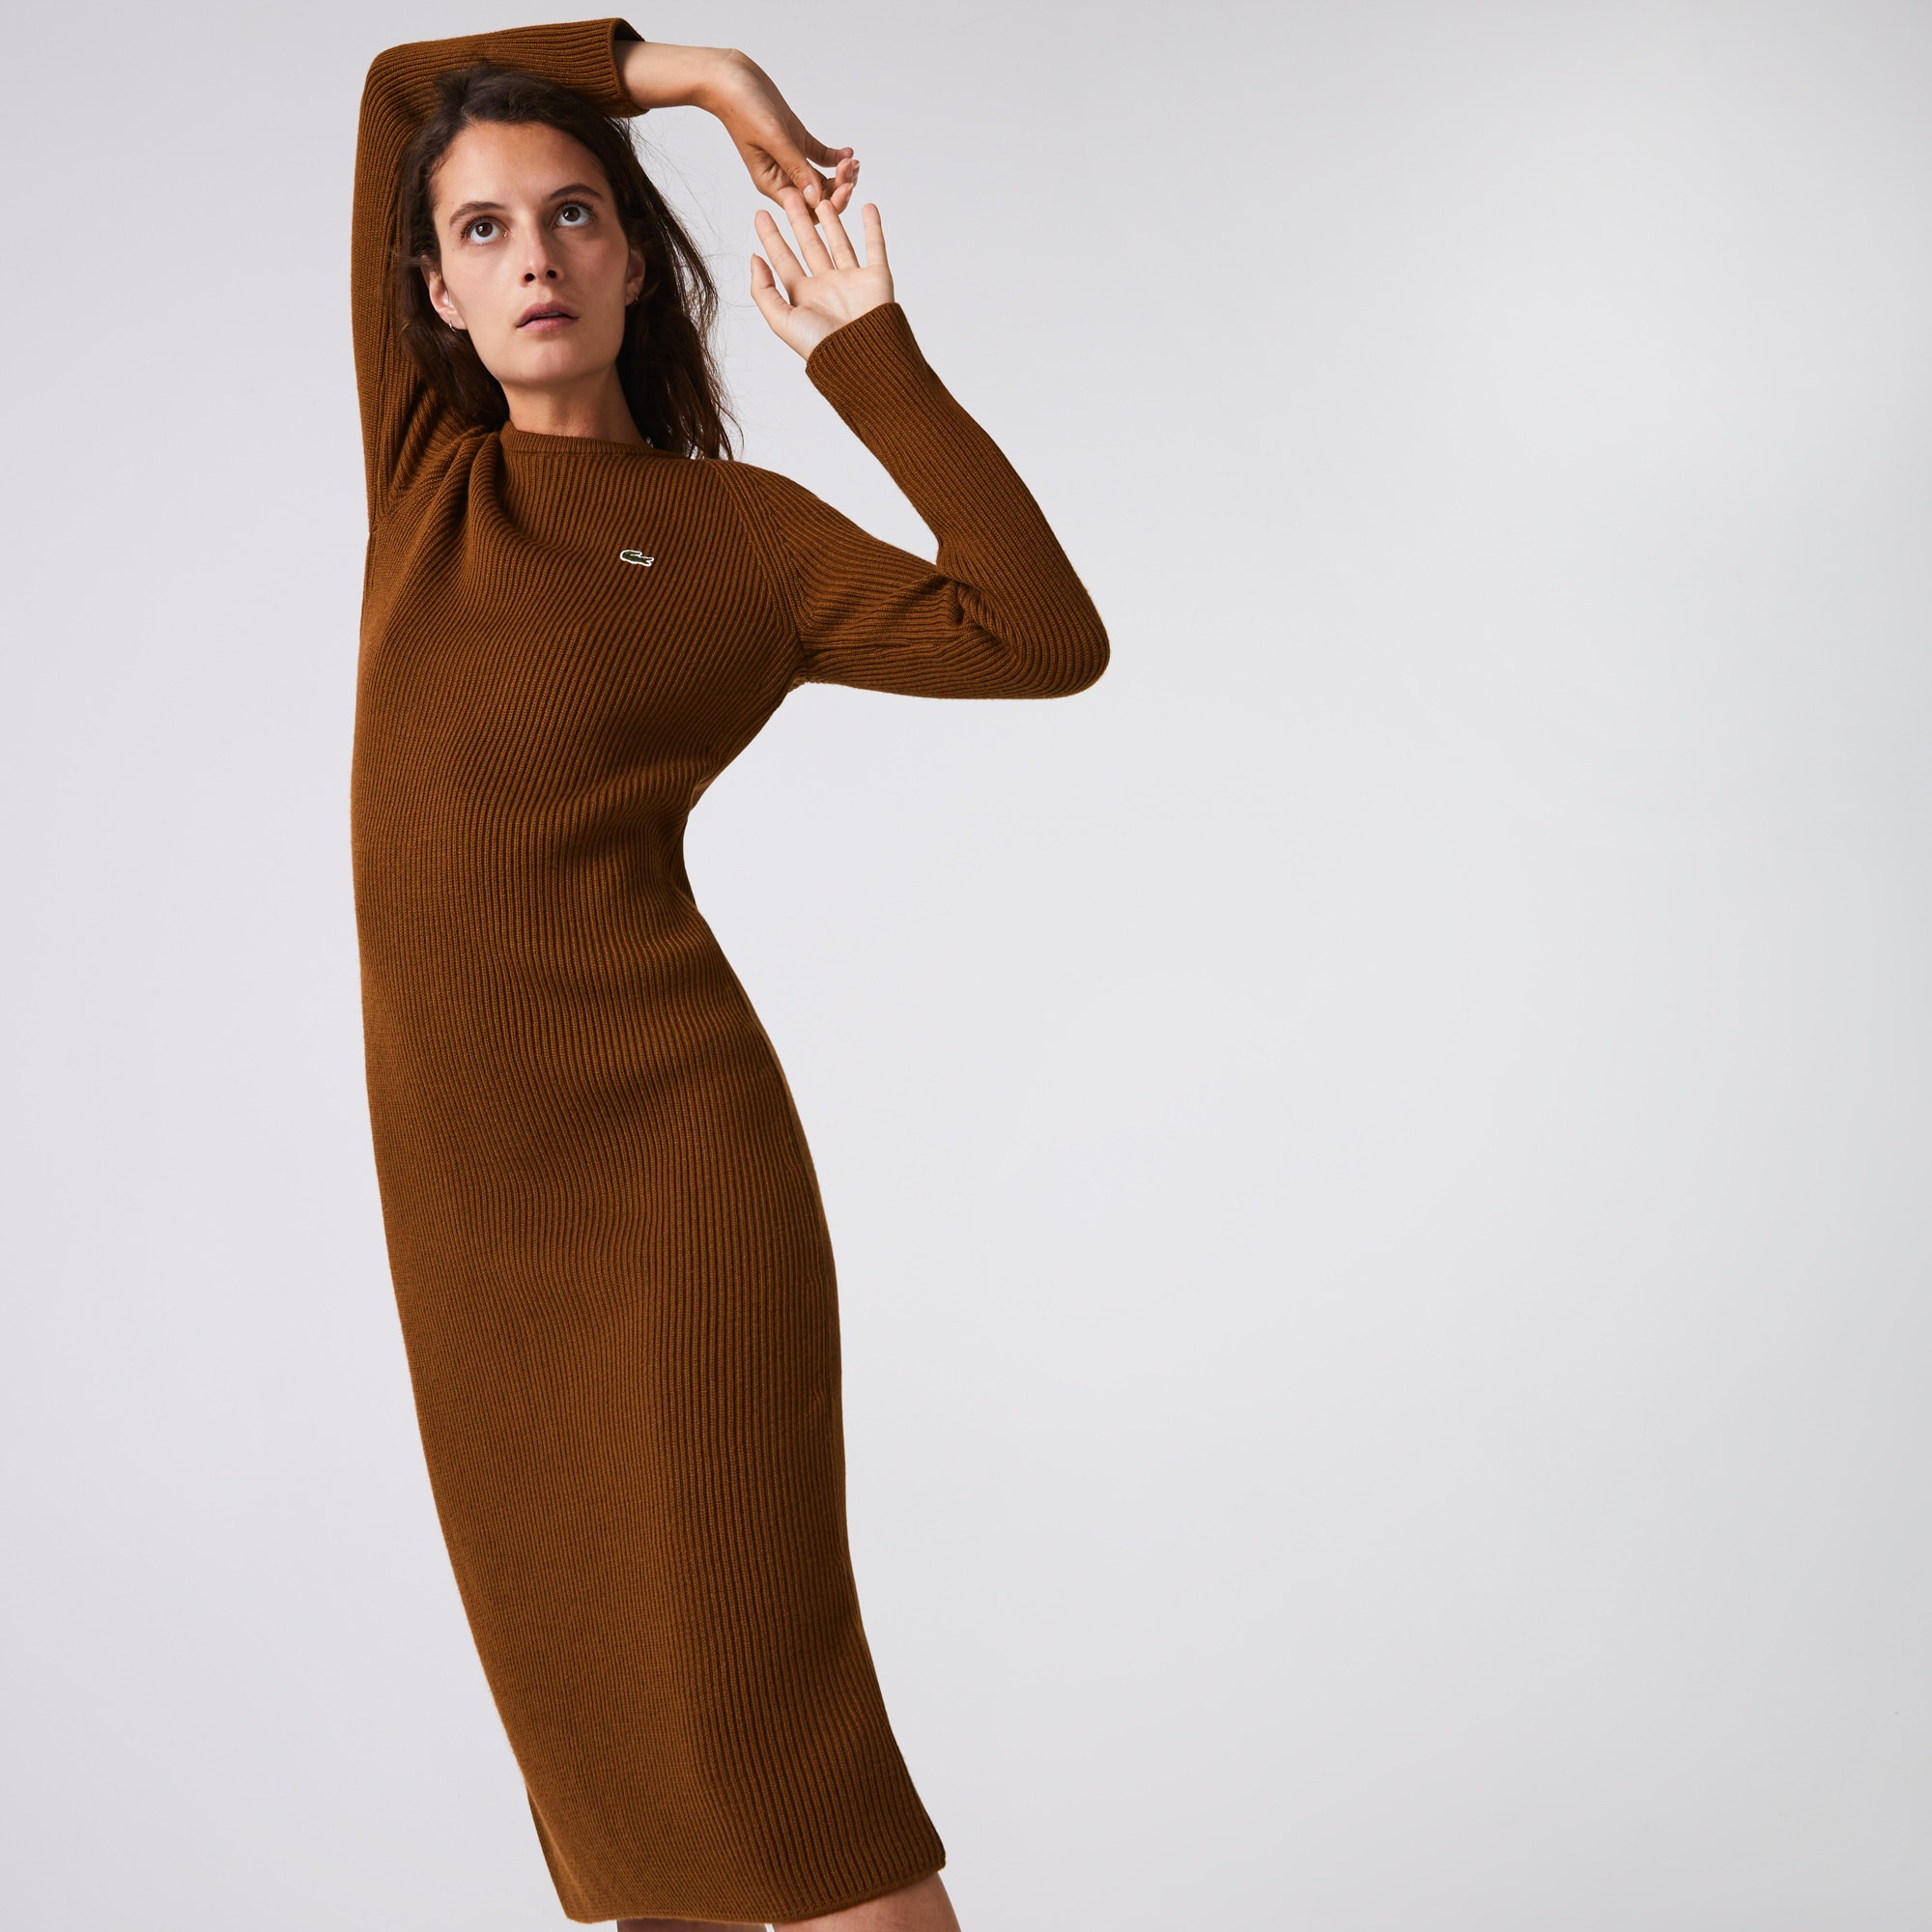 라코스테 골지 울 혼방 롱 원피스 - 2 컬러 (오연서 착용) Lacoste Womens Long Ribbed Wool Blend Sweater Dress